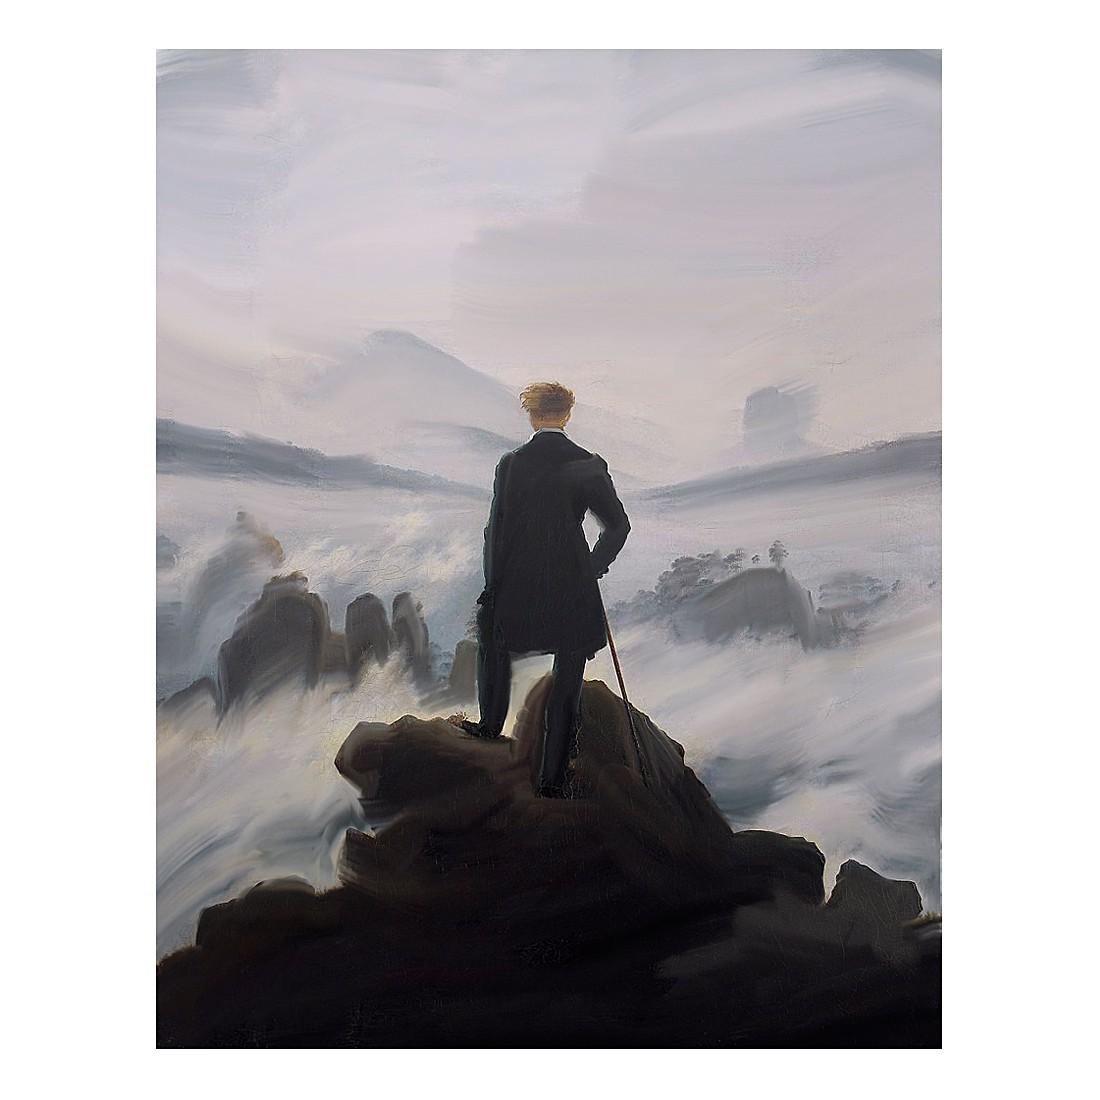 Ölgemälde Der Wanderer über dem Nebelmeer von Caspar David Friedrich – Größe 80 x 60 cm, yourPainting günstig kaufen